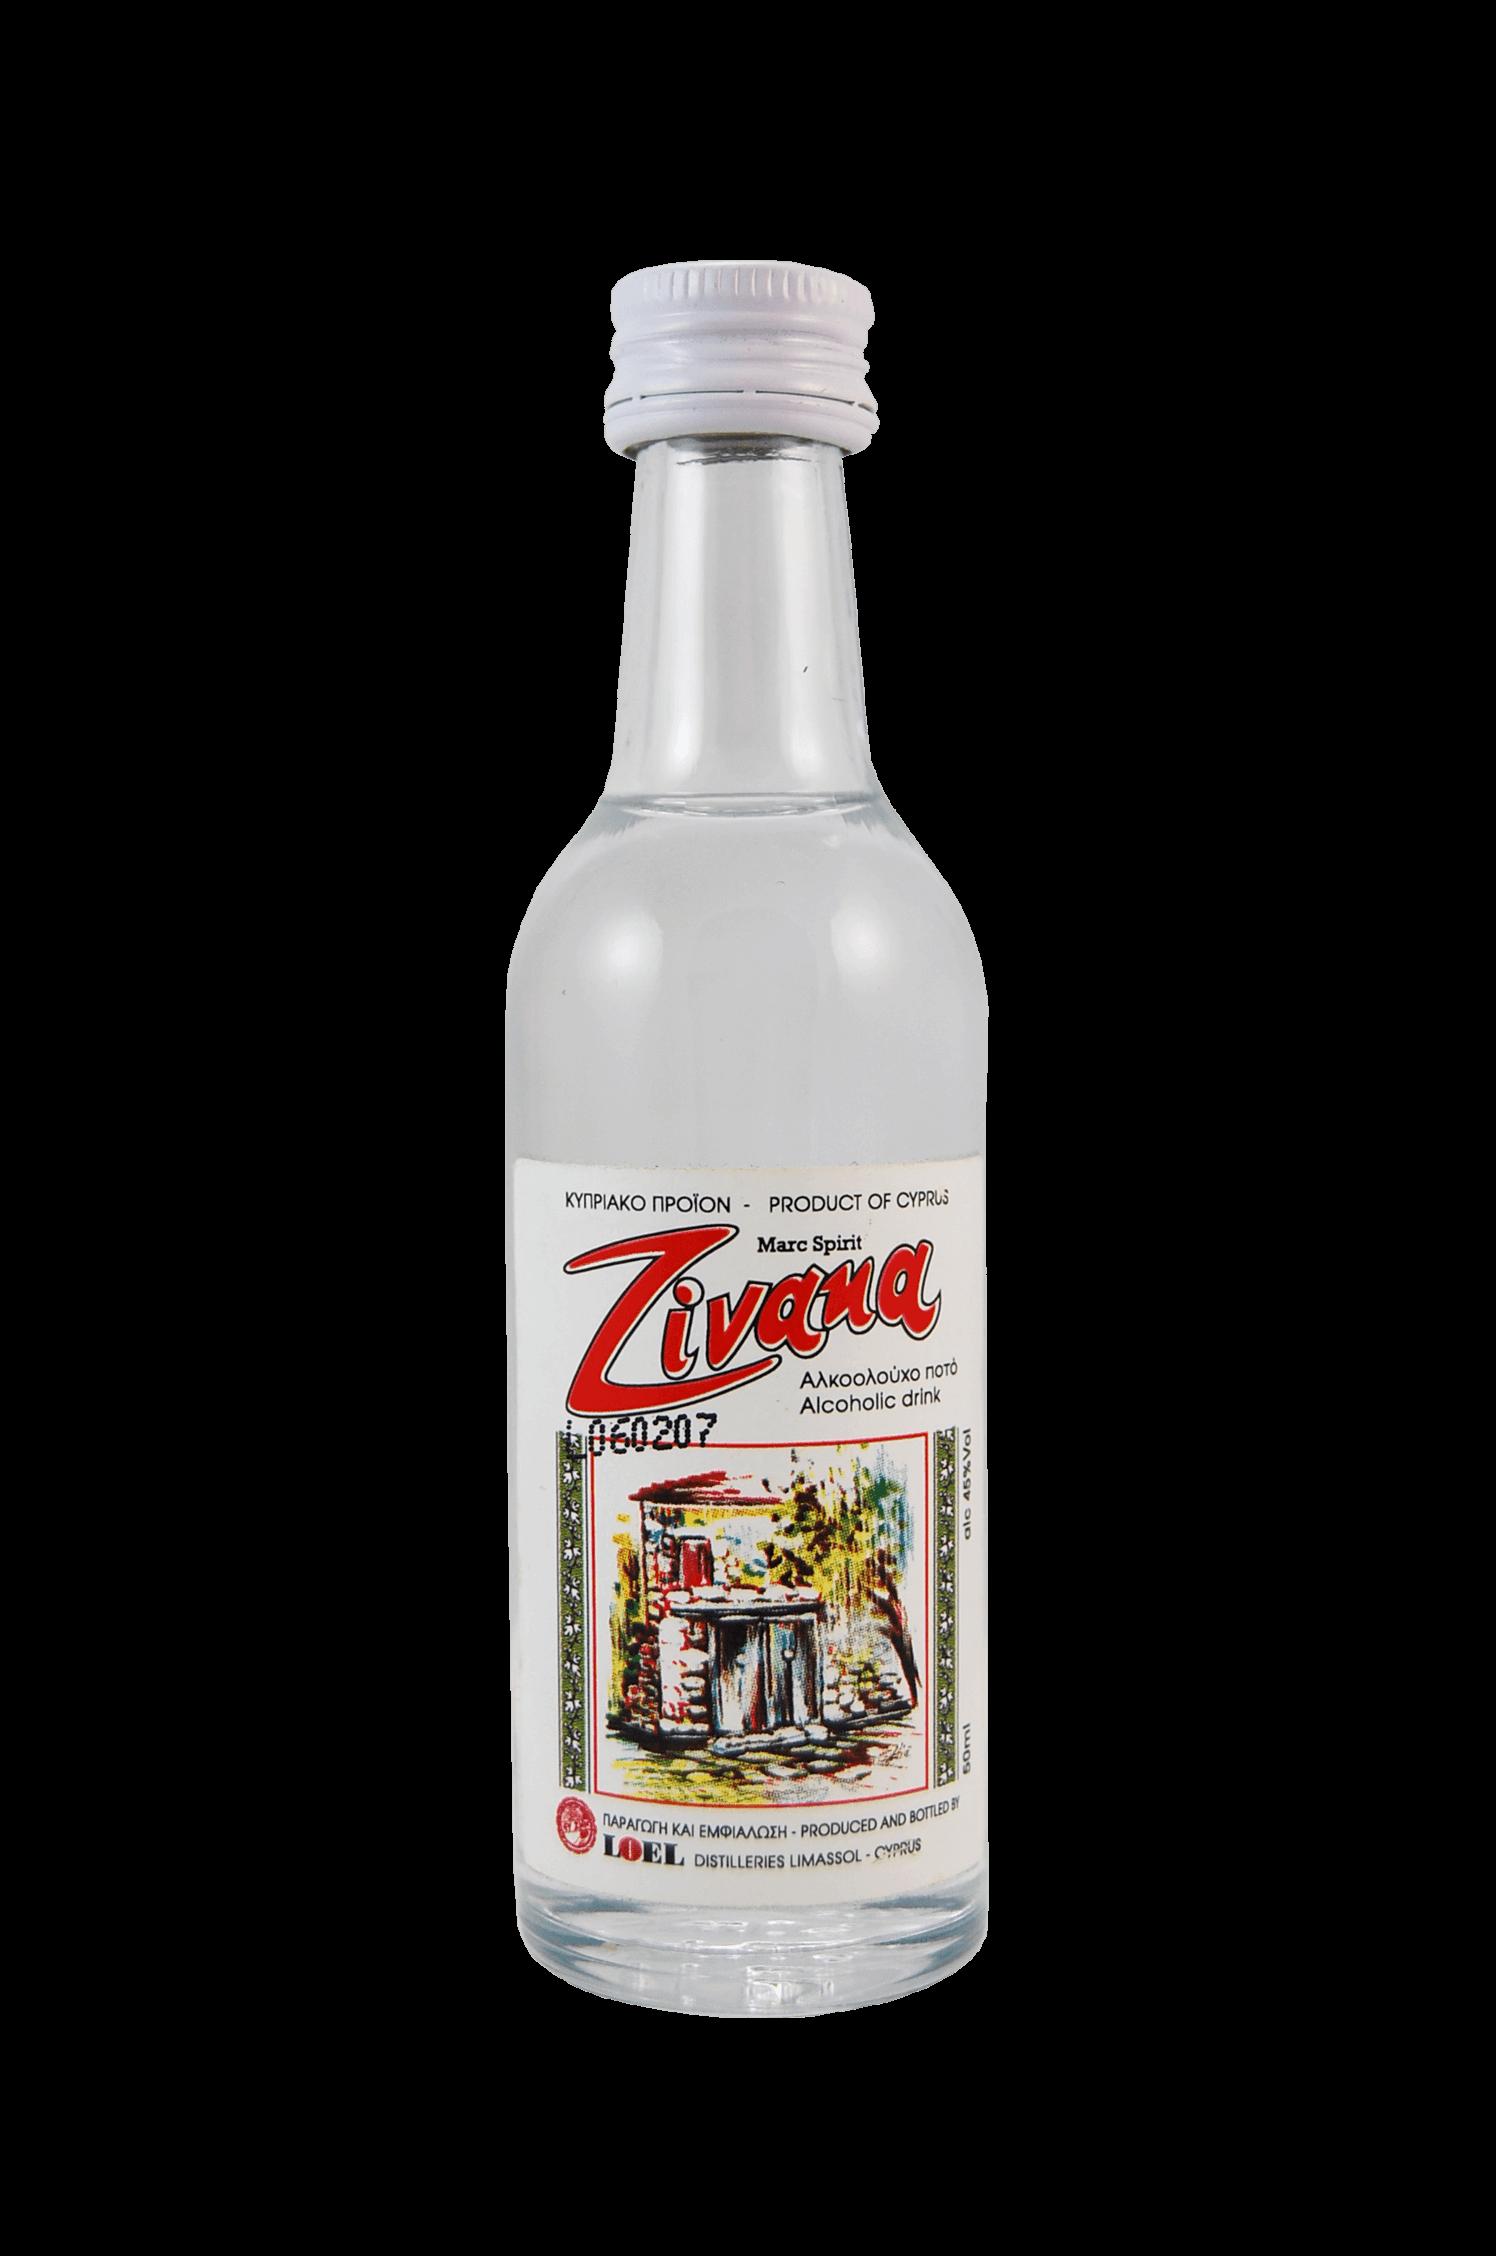 Zivana